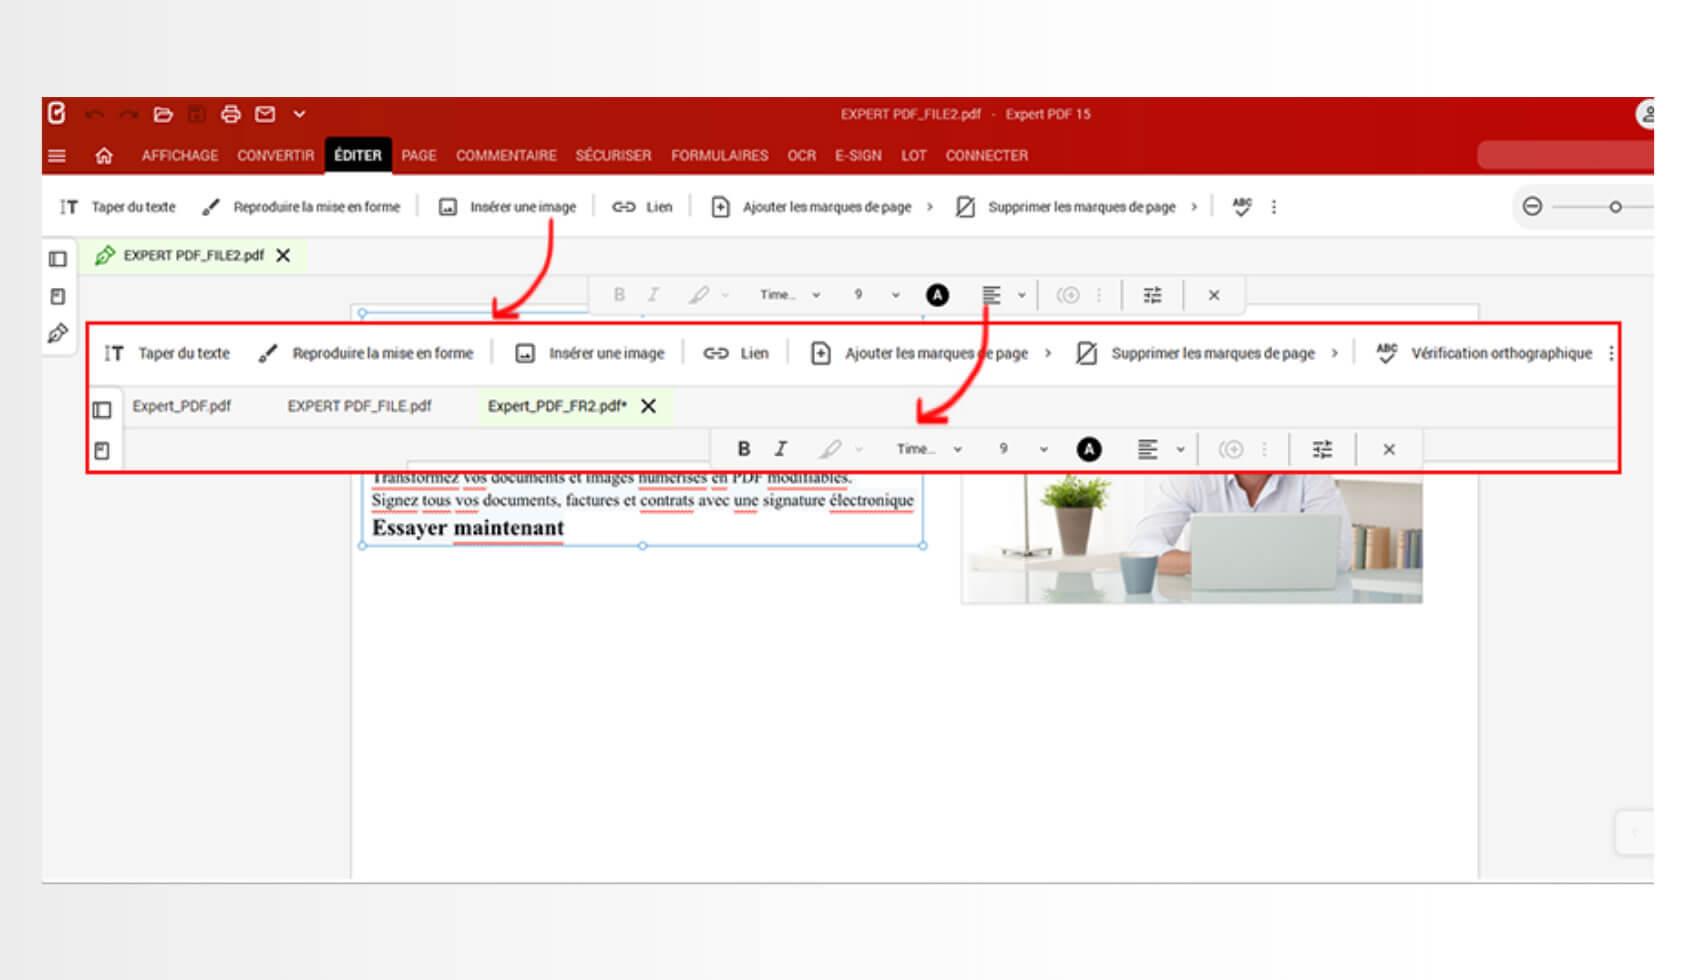 Ajoutez facilement du texte sur vos documents PDF en cliquant sur l'onglet Editer de la barre de navigation. Puis sélectionner le bouton Taper du texte et cliquez à l'endroit où vous souhaitez ajouter le contenu texte.Changez la mise en forme de votre texte en modifiant la couleur de la police, la taille, l'ajustement du texte, l'alignement de l'espacement via le mode d'édition de texte.Vous pouvez également couper, copier, coller, supprimer et déplacer le texte où vous le souhaitez sur votre PDF.